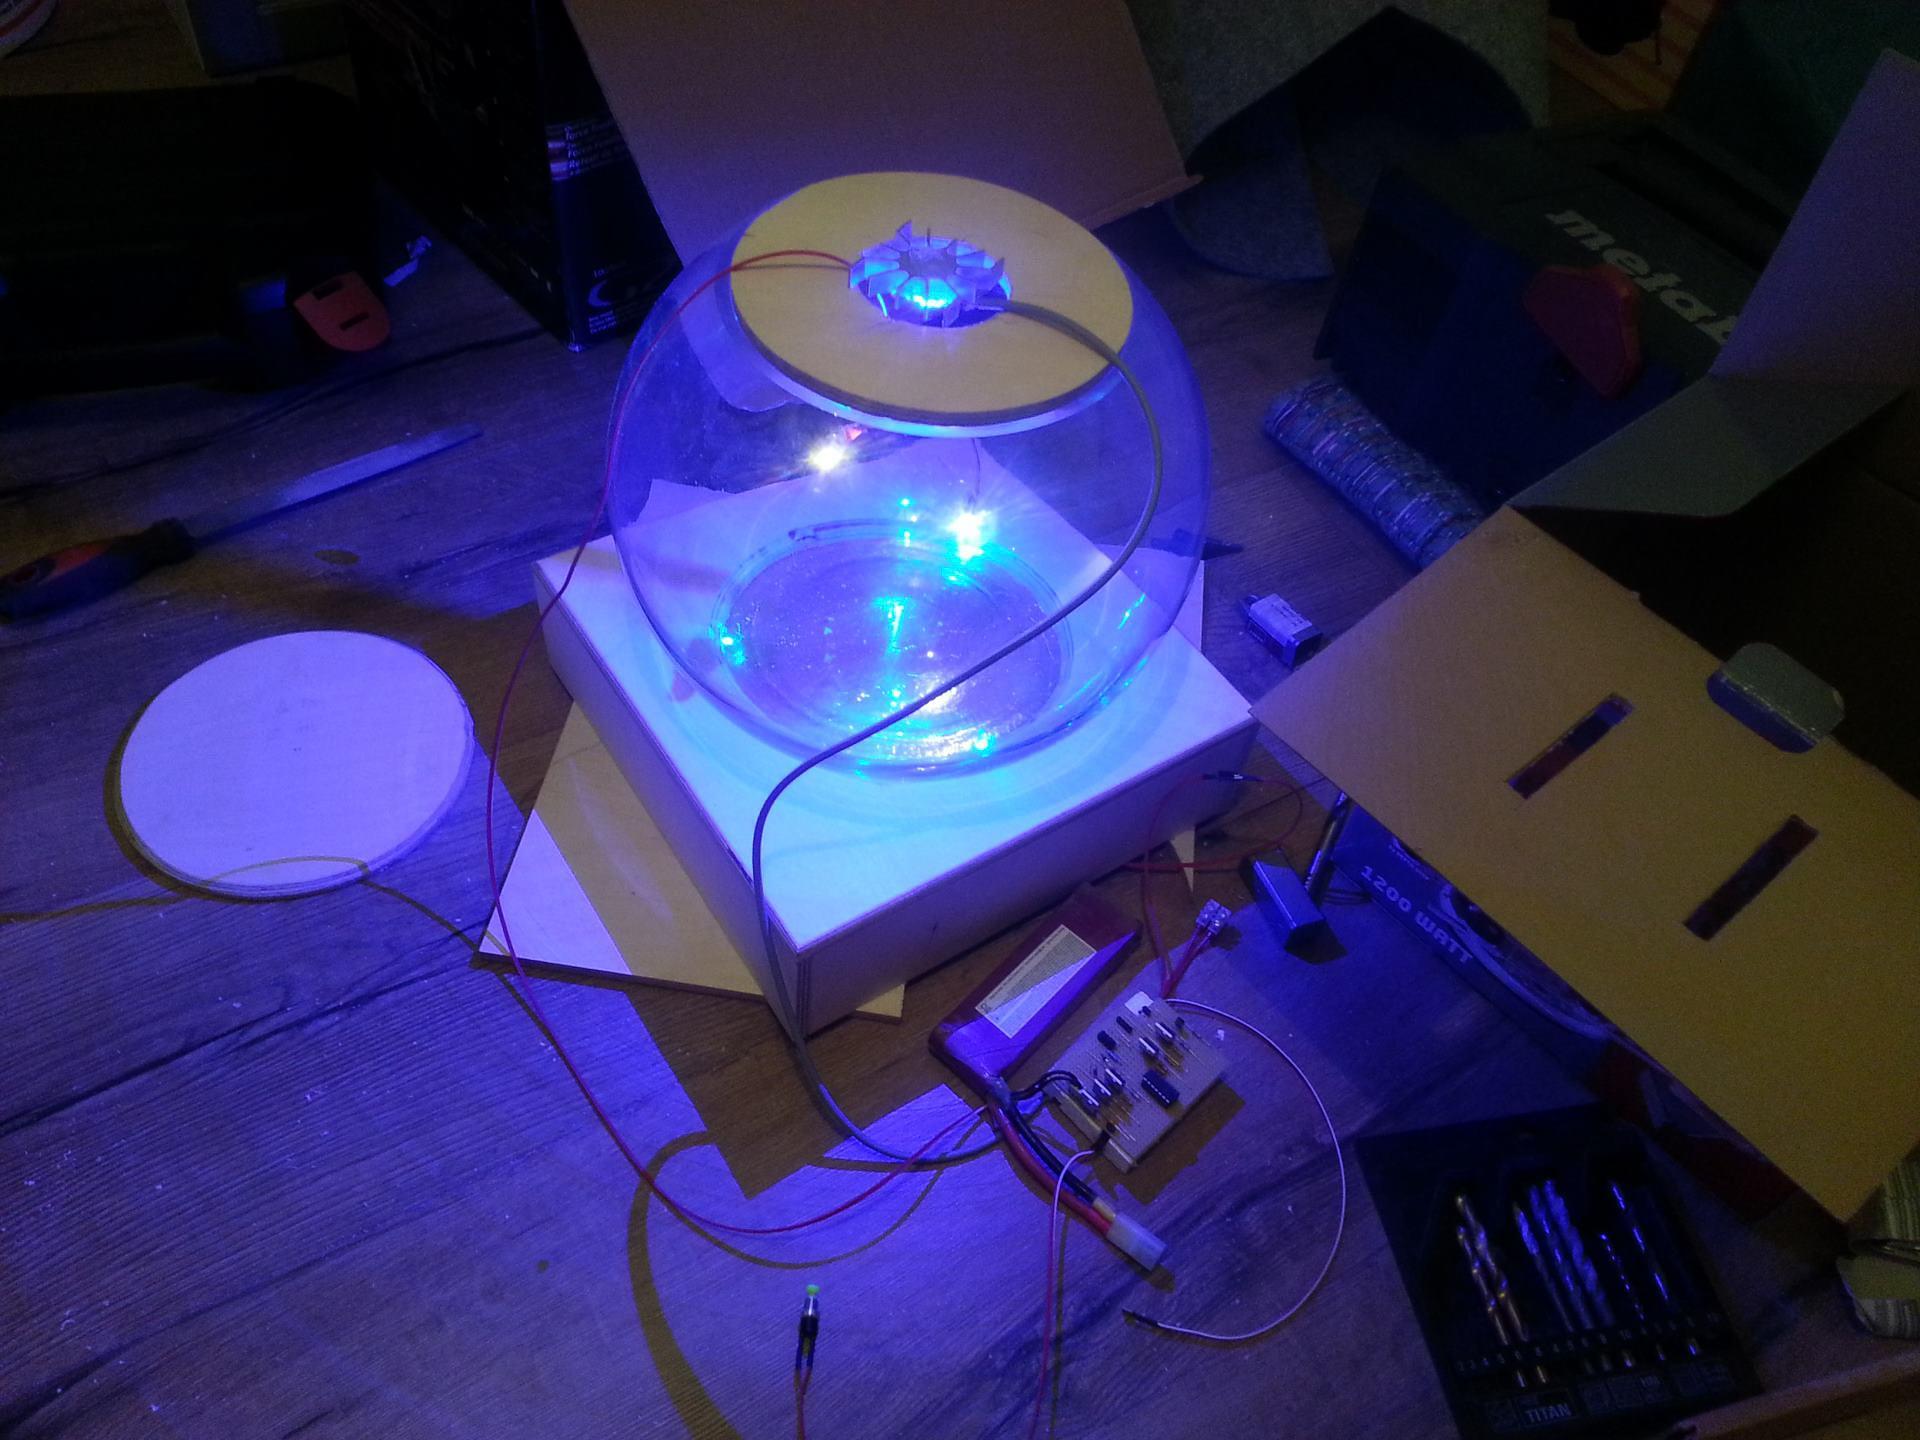 Ein Glaskugel erstrahlt in blauem Licht